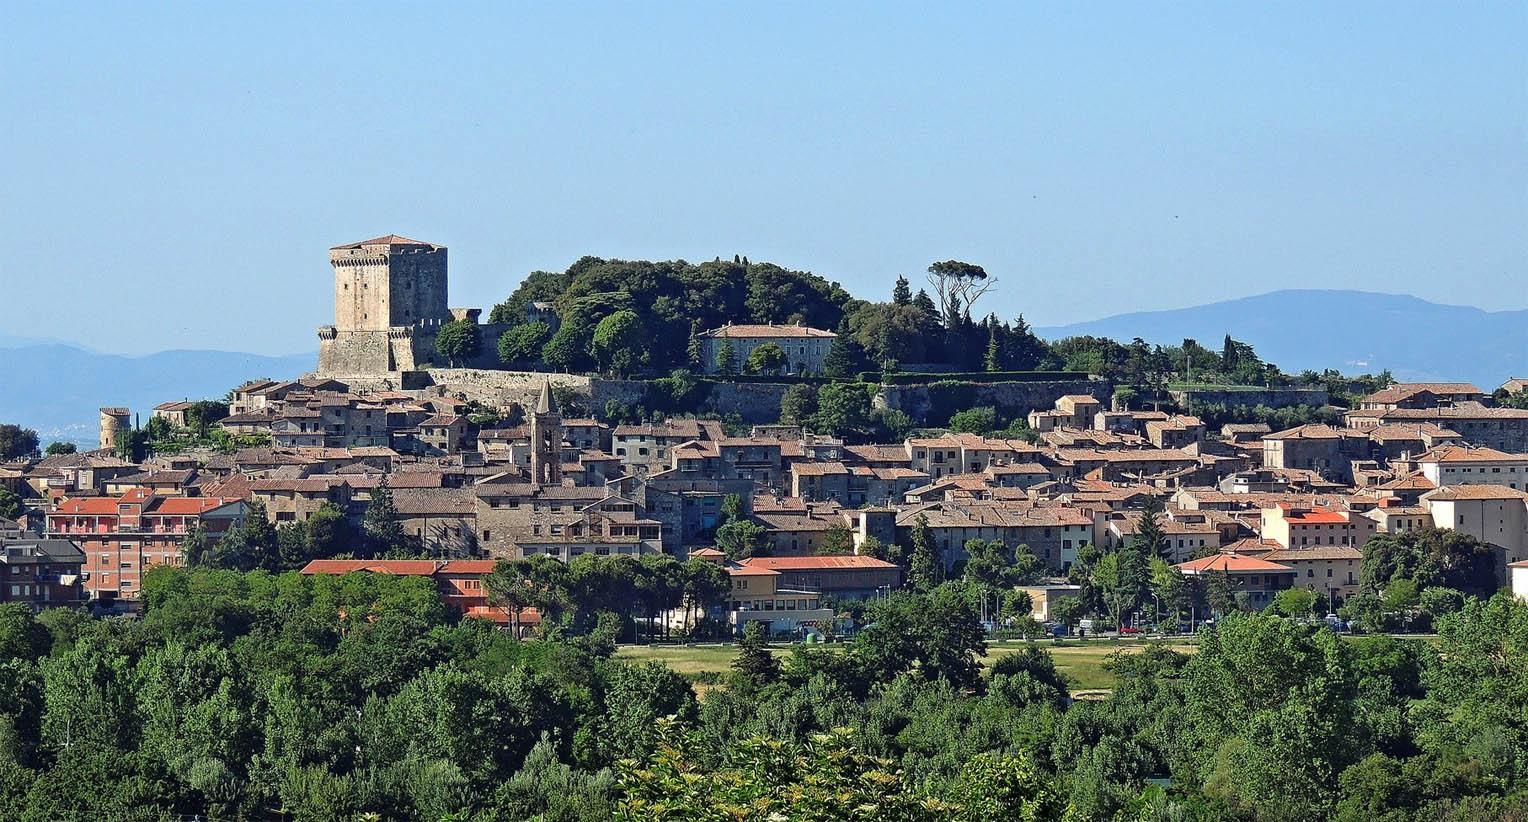 Sarteano (Italia)